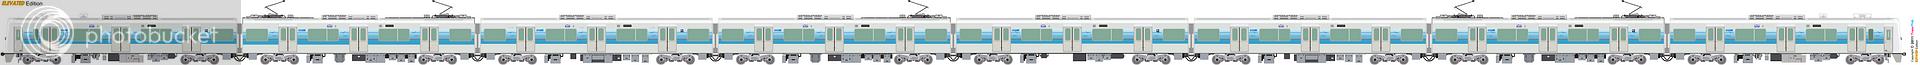 [5343] 京成電鉄 2343